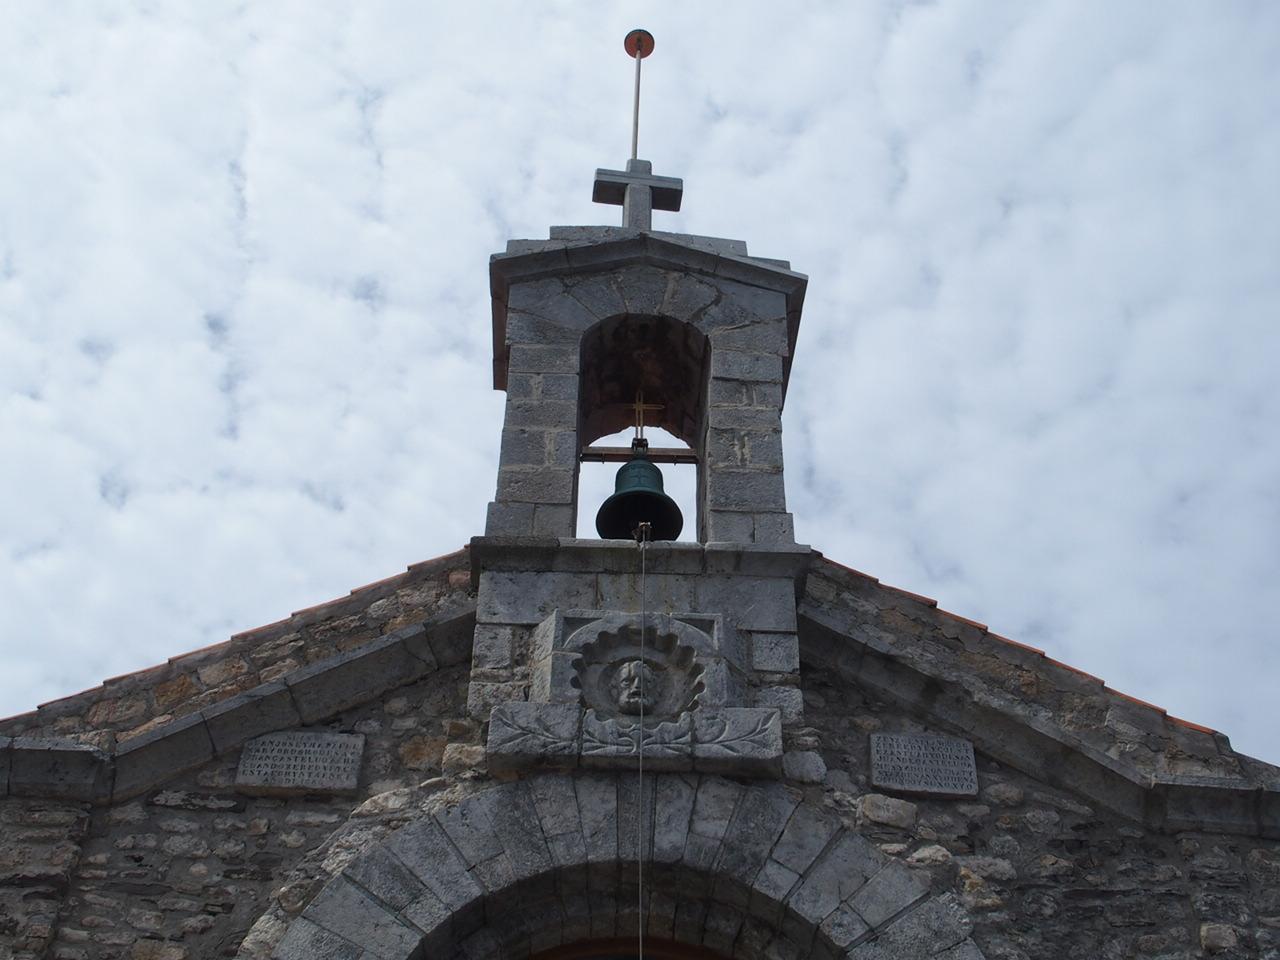 サン・ファン・デ・ガステルガチェ教会の願いが叶う鐘